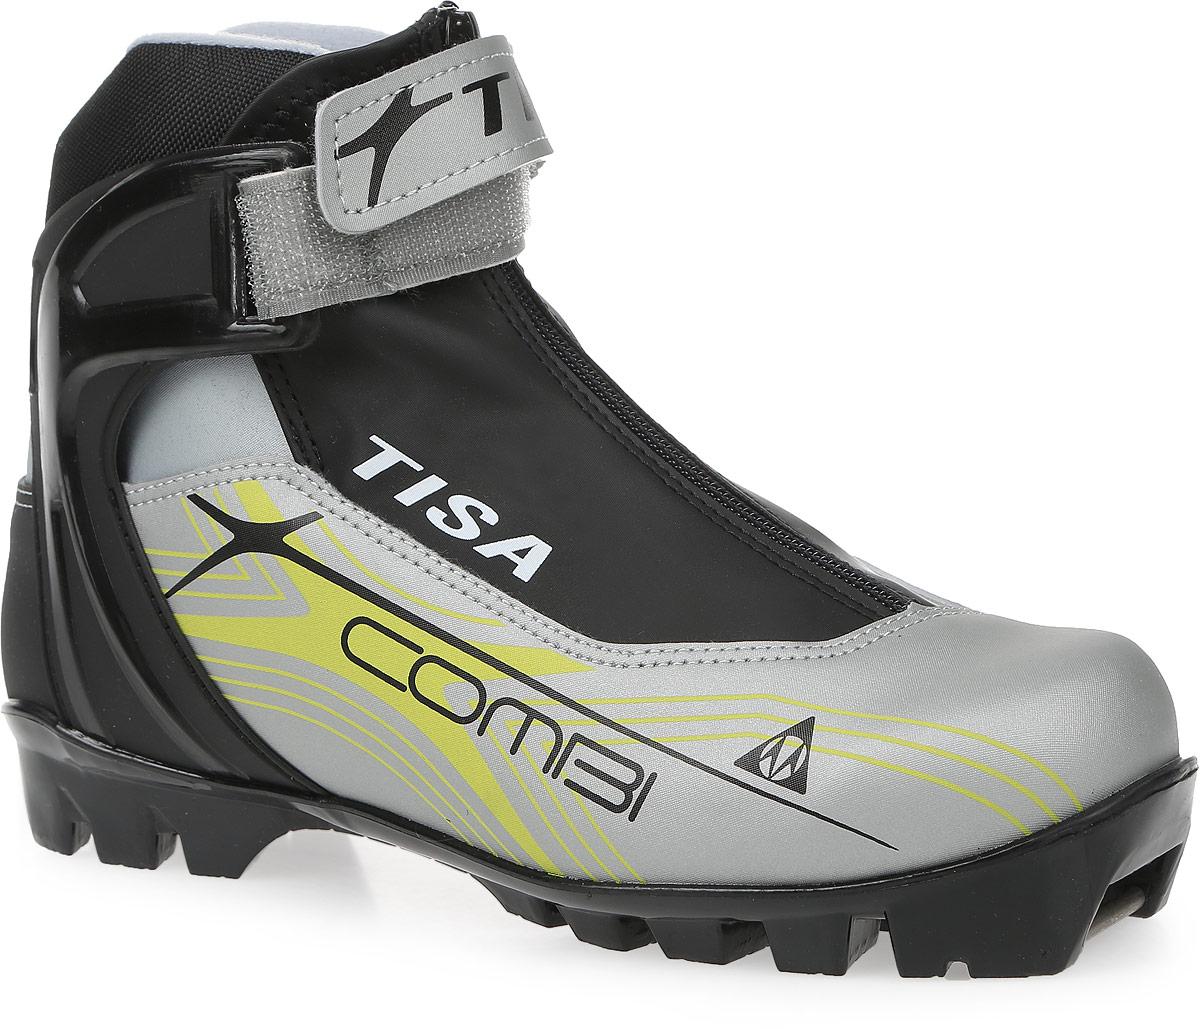 Ботинки лыжные беговые Tisa Combi NNN, цвет: черный, серый, салатовый. Размер 43S75715Лыжные ботинки Tisa Combi NNN выполнены из искусственных материалов в классическом стиле и предназначены для лыжных прогулок и туризма. Язык защищен текстильной вставкой на застежке-молнии. Подкладка, исполненная из мягкого флиса и искусственного меха, защитит ноги от холода и обеспечит уют. Верх изделия оформлен удобной шнуровкой с петлями из текстиля. Вставки в мысовой и пяточной частях предназначены для дополнительной жесткости. Манжета Control Cuff поддерживает голеностоп. Подошва системы NNN выполнена из полимерного термопластичного материала. С одной из боковых сторон лыжные ботинки дополнены принтом в виде логотипа бренда.